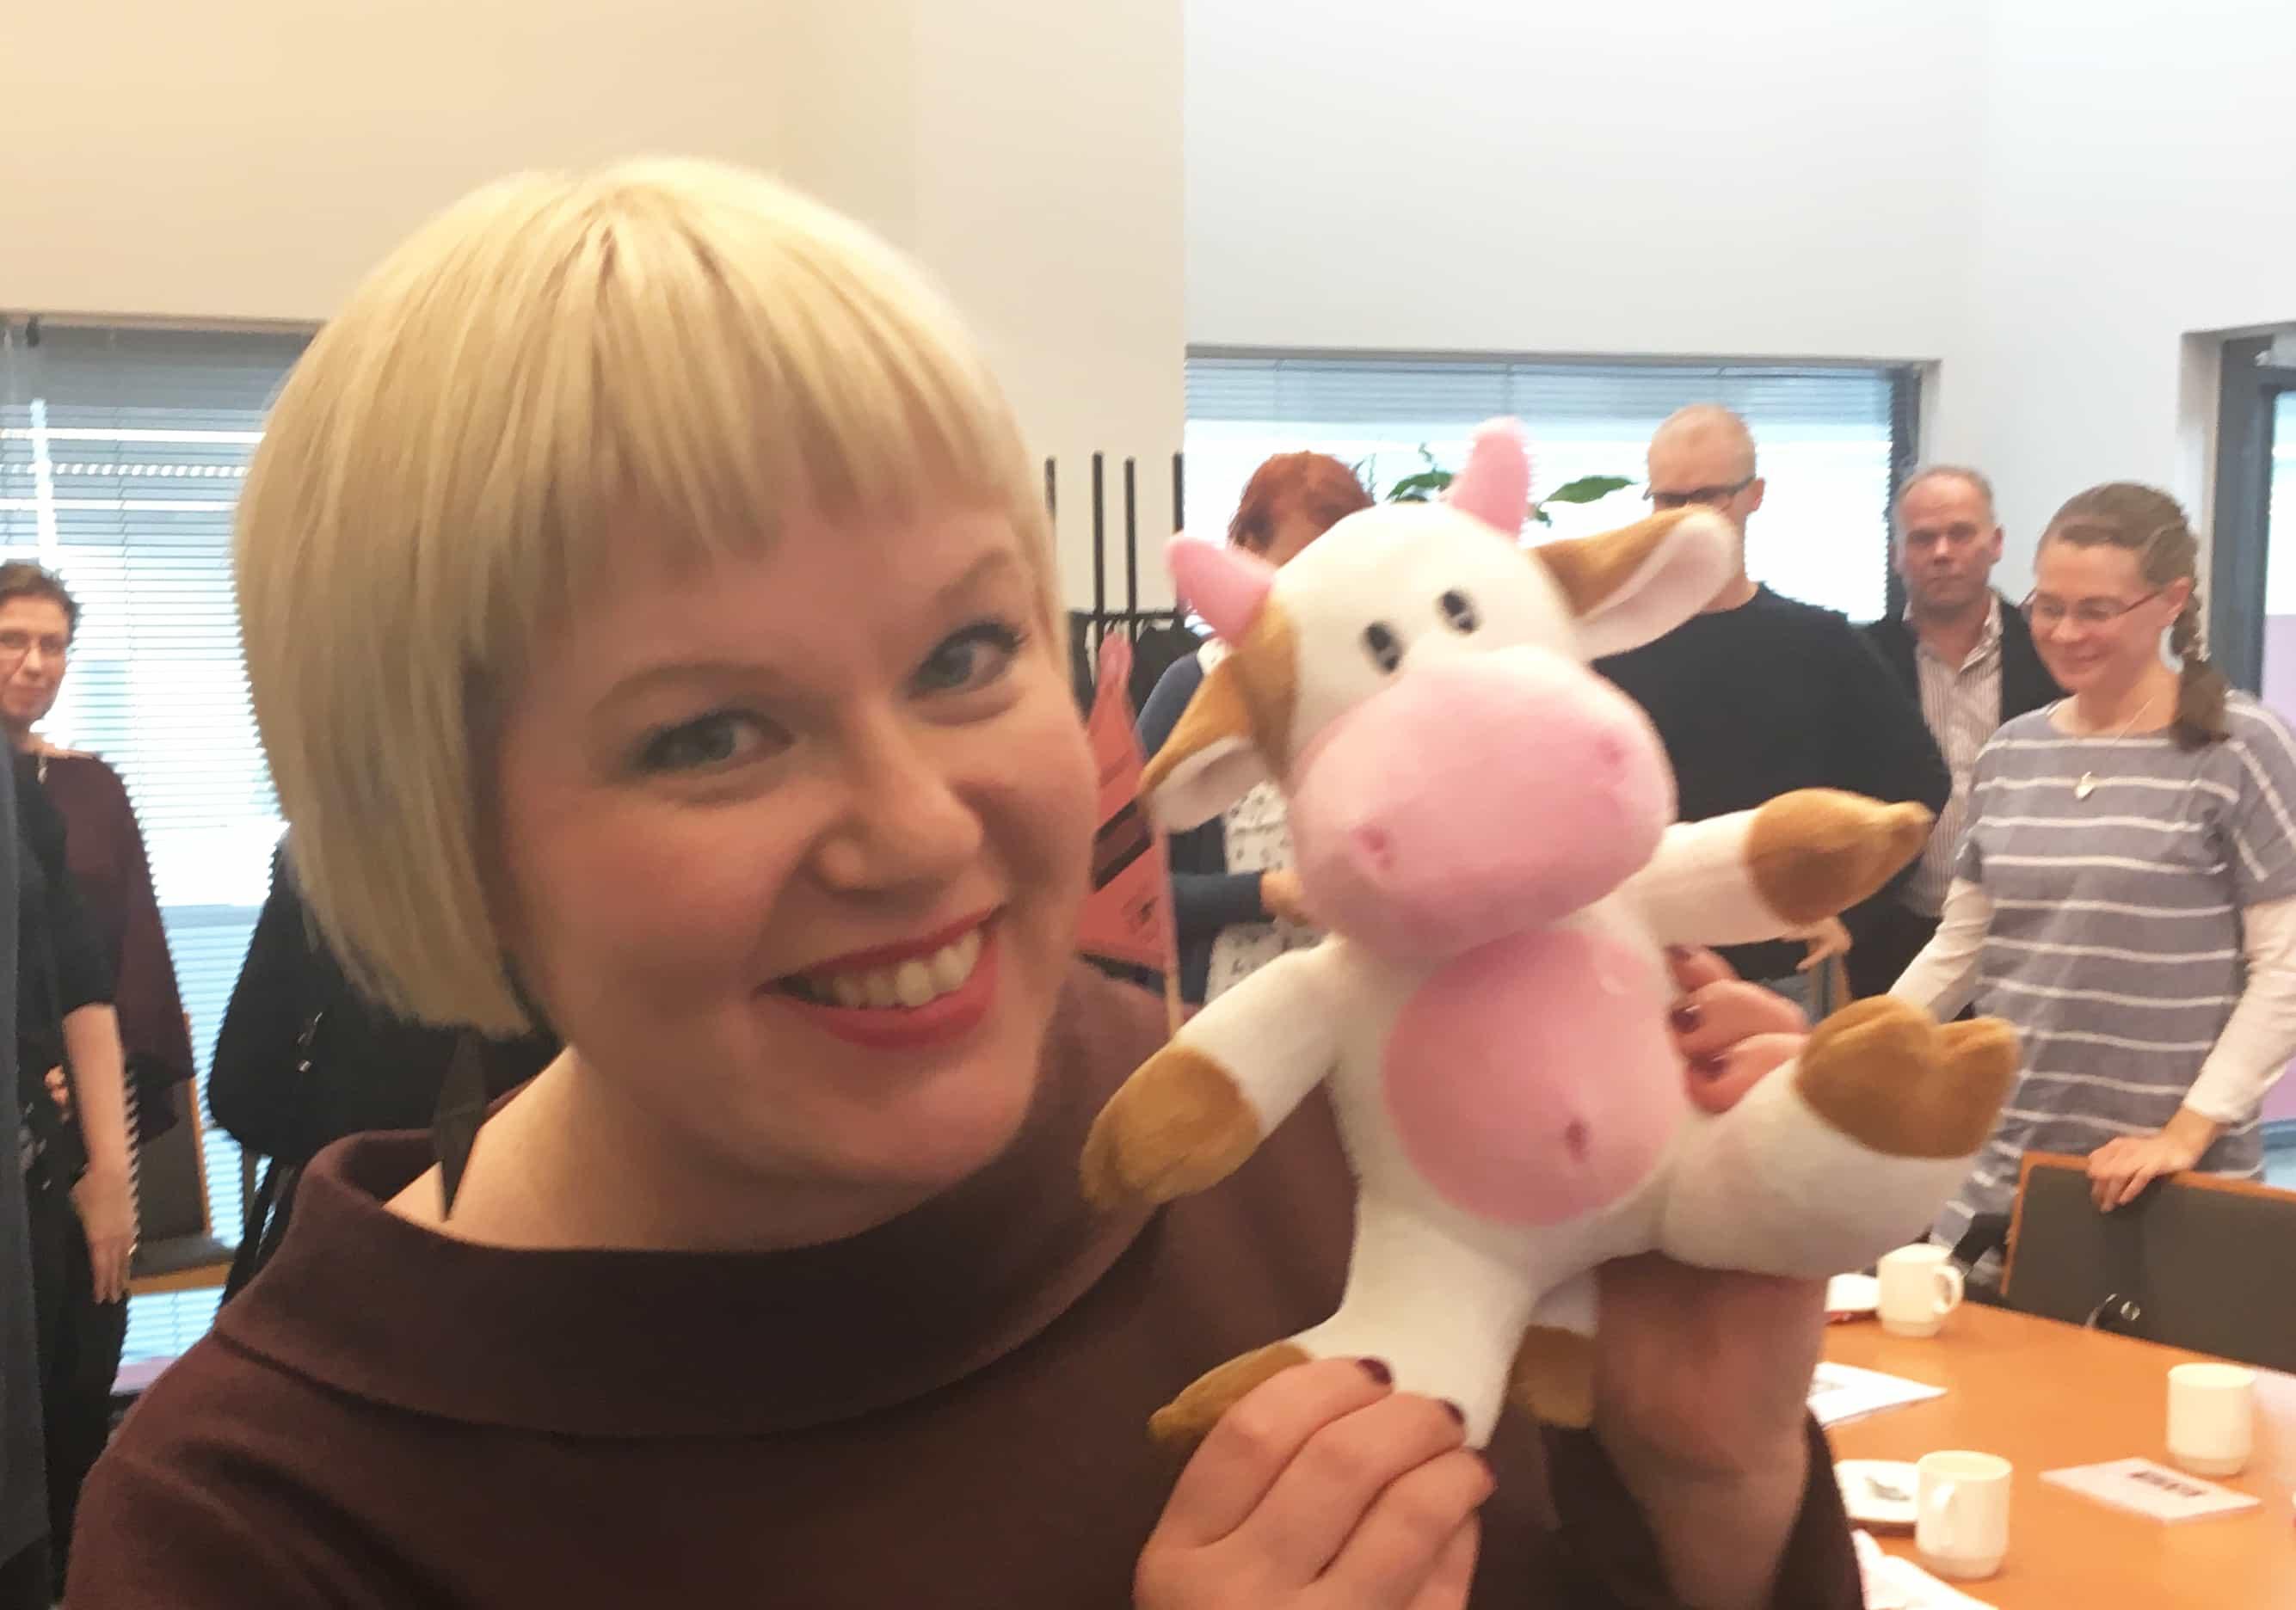 Ministeri Annika Saarikko: Pyydä apua! -nappi joka perhekeskukseen?